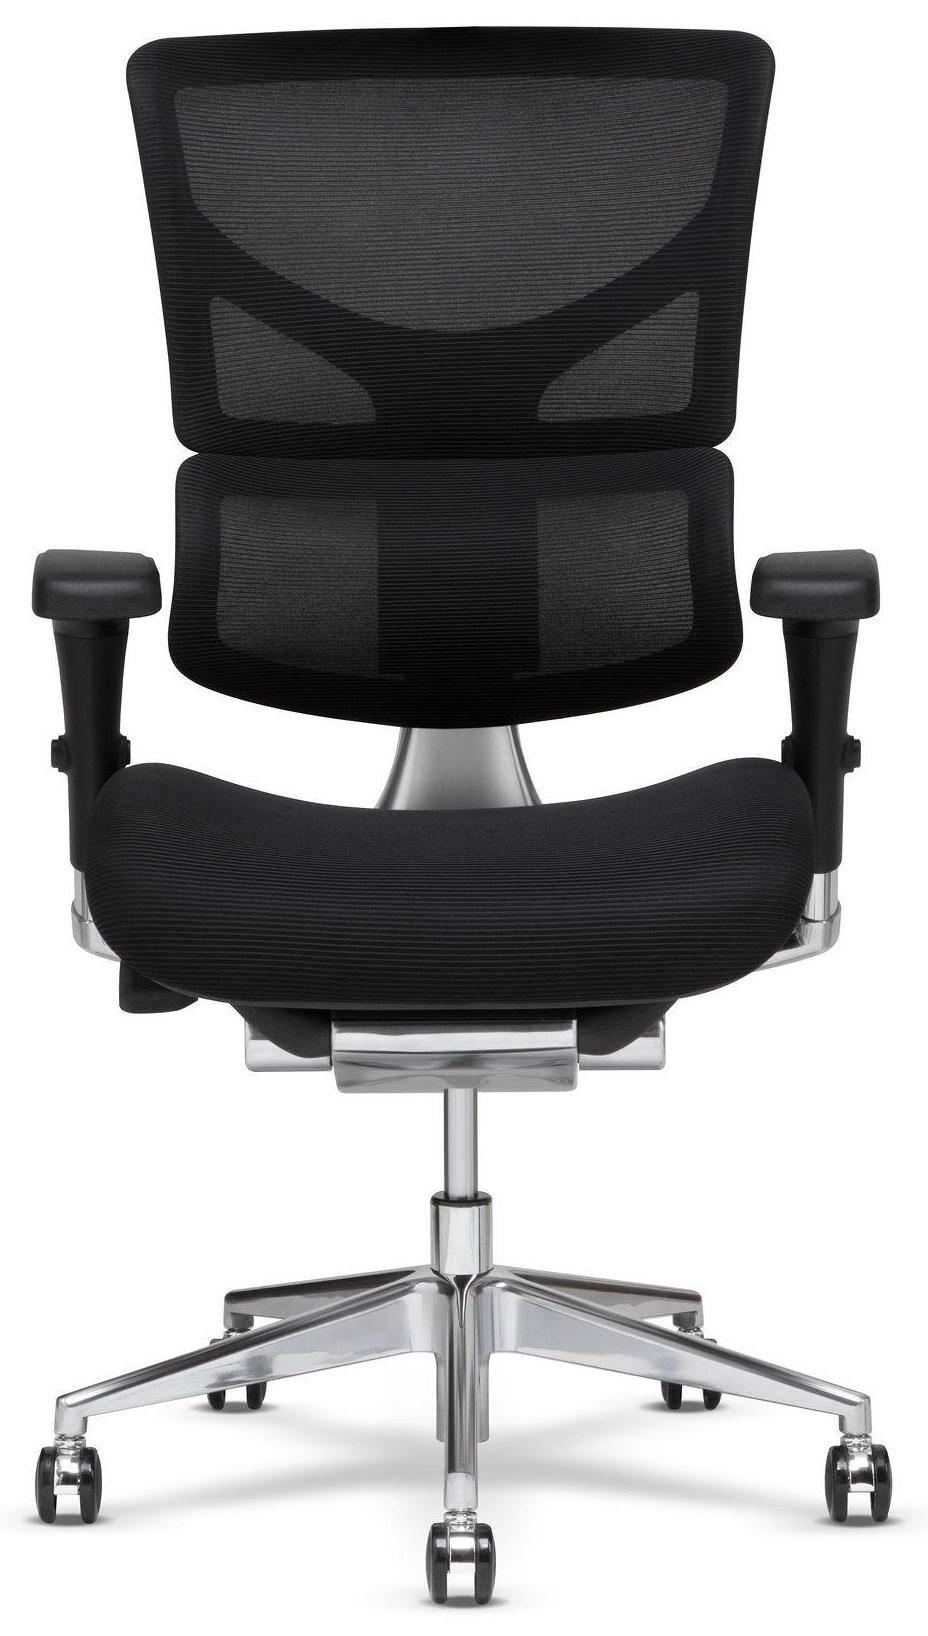 X3 Chair by X-Chair at HomeWorld Furniture